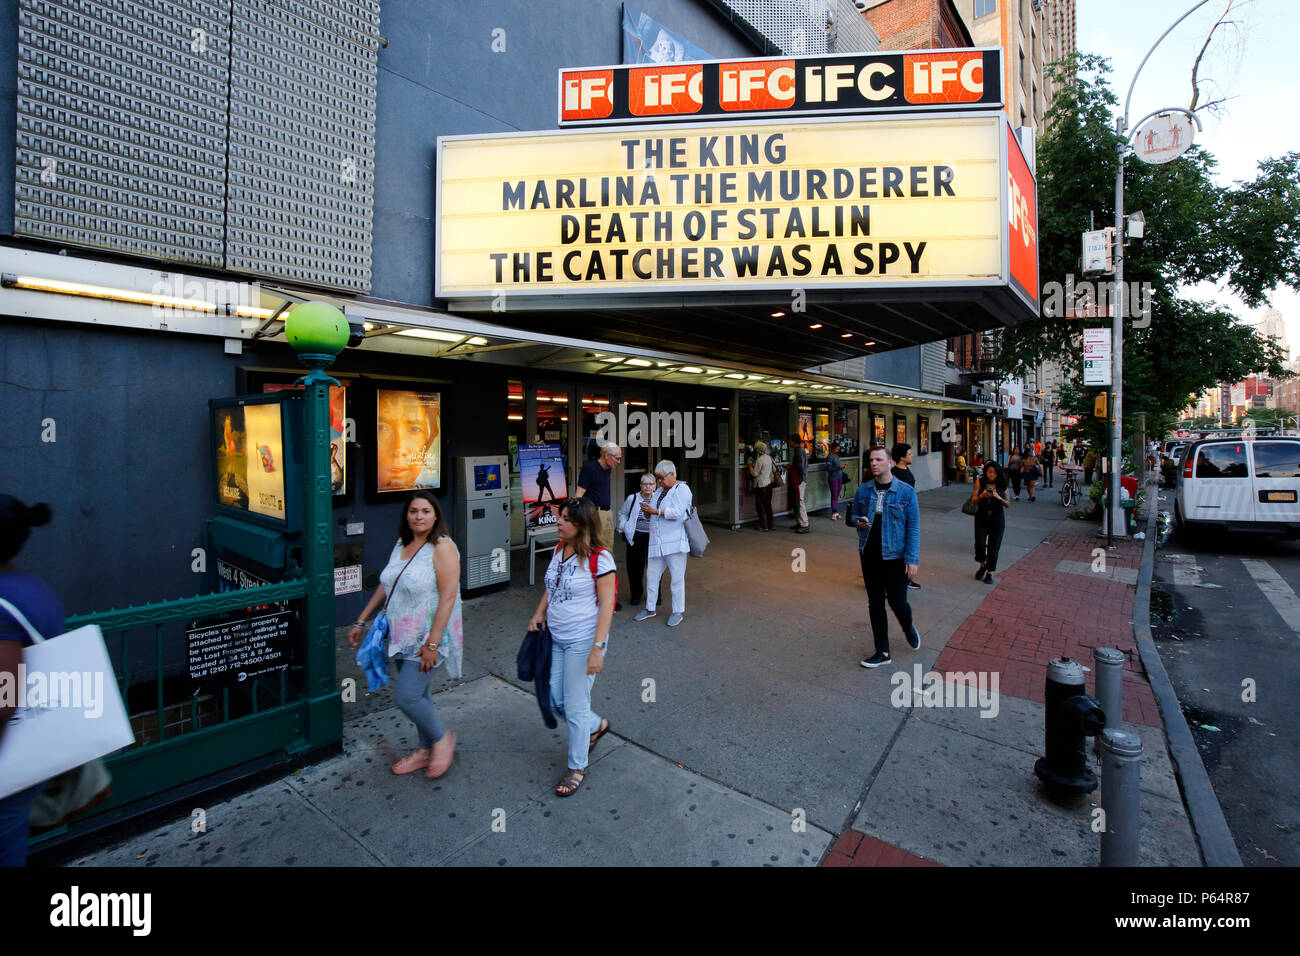 IFC Center, 323 6th Ave, New York, NY - Stock Image